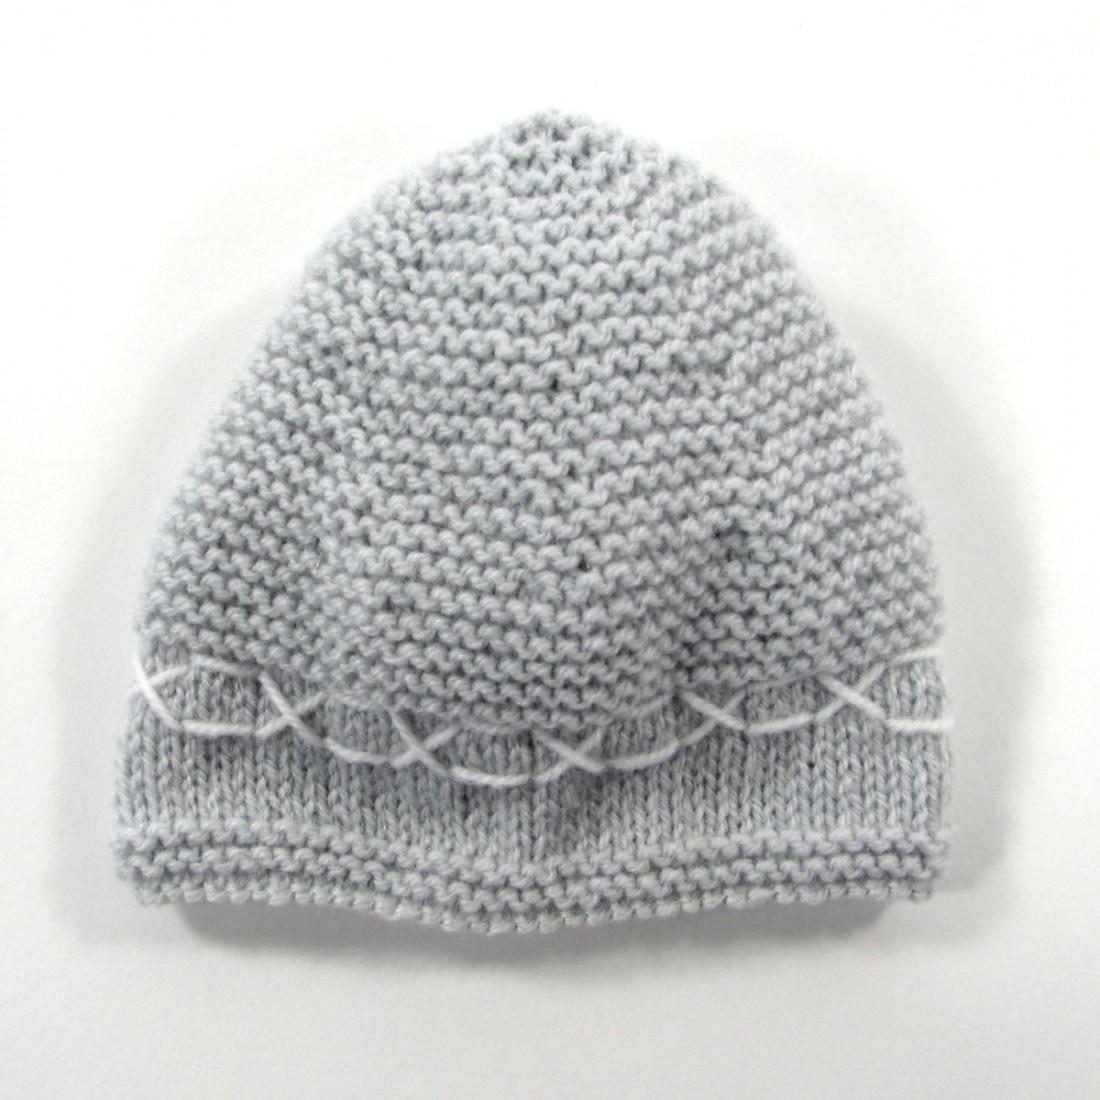 7684036a5ed Bonnet fait main pour bébé garçon prématuré en tricot gris perle